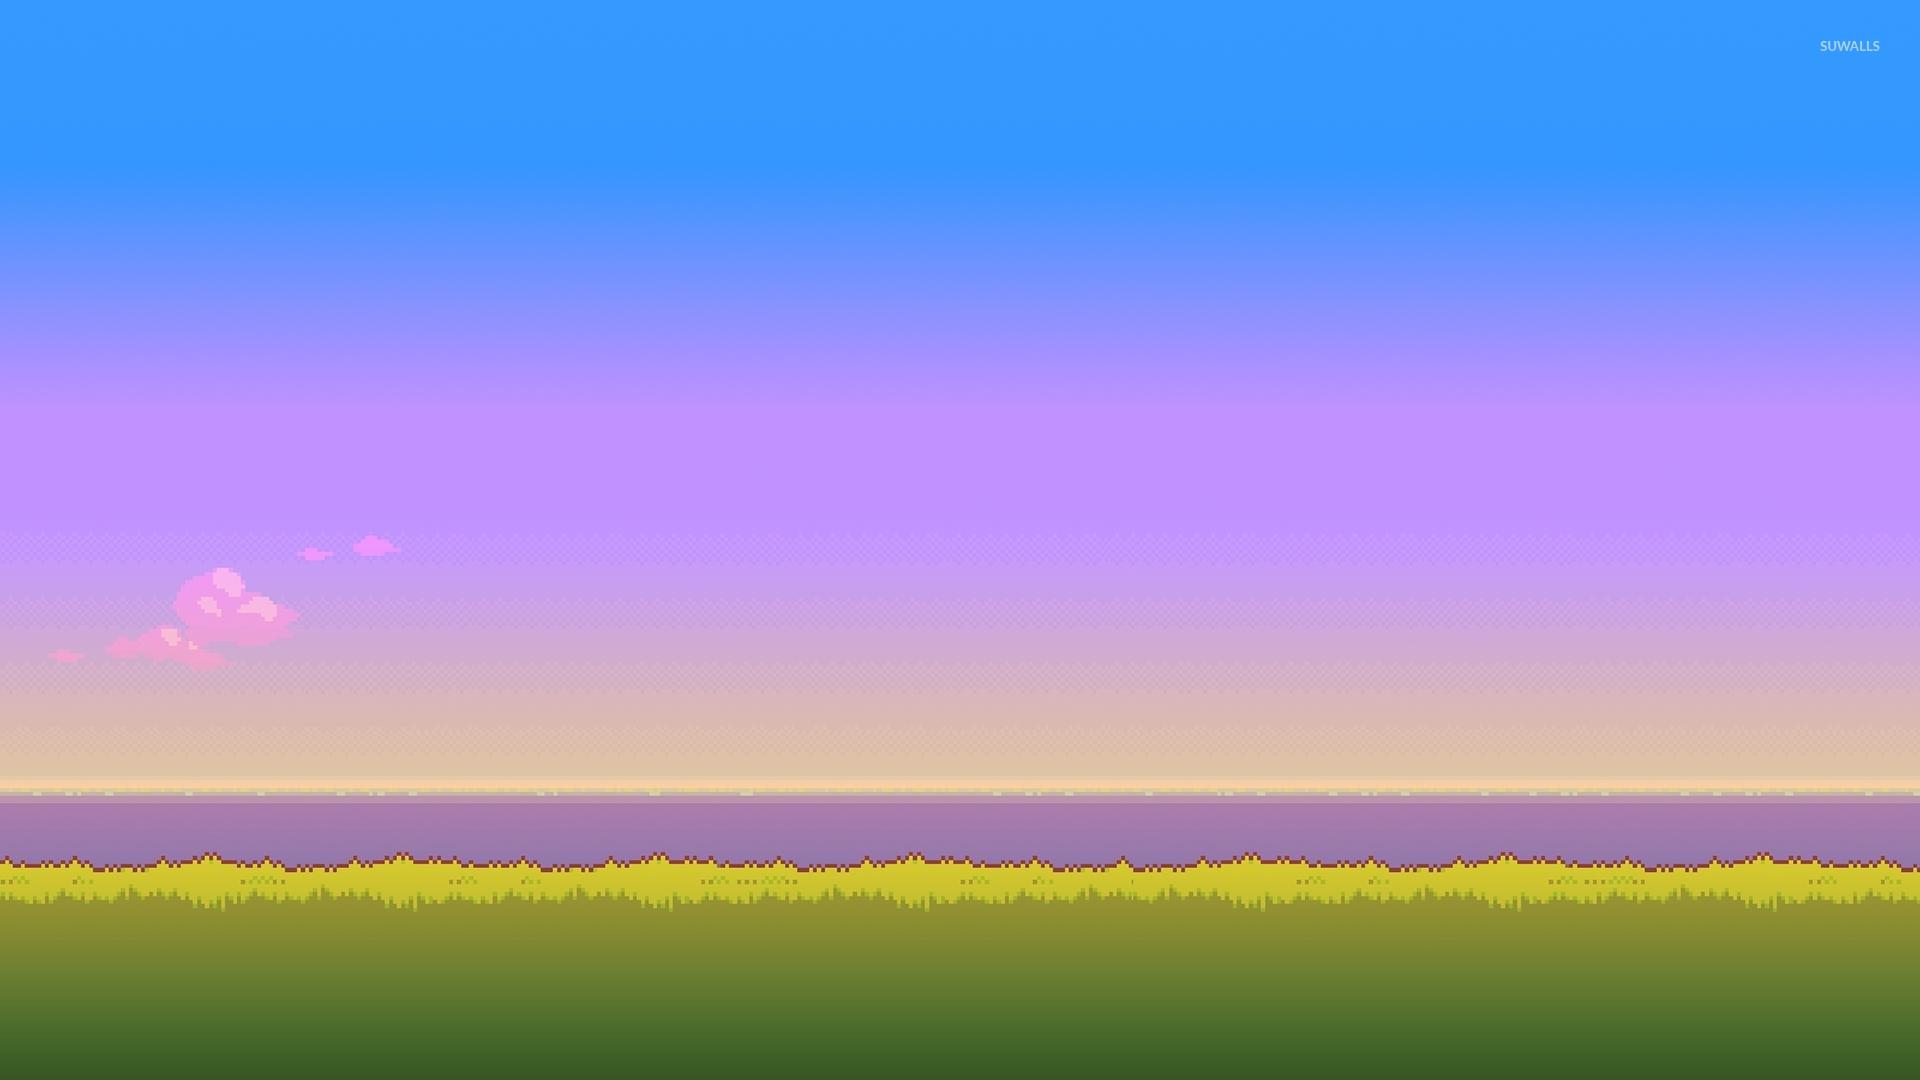 8-bit sunset [2] wallpaper